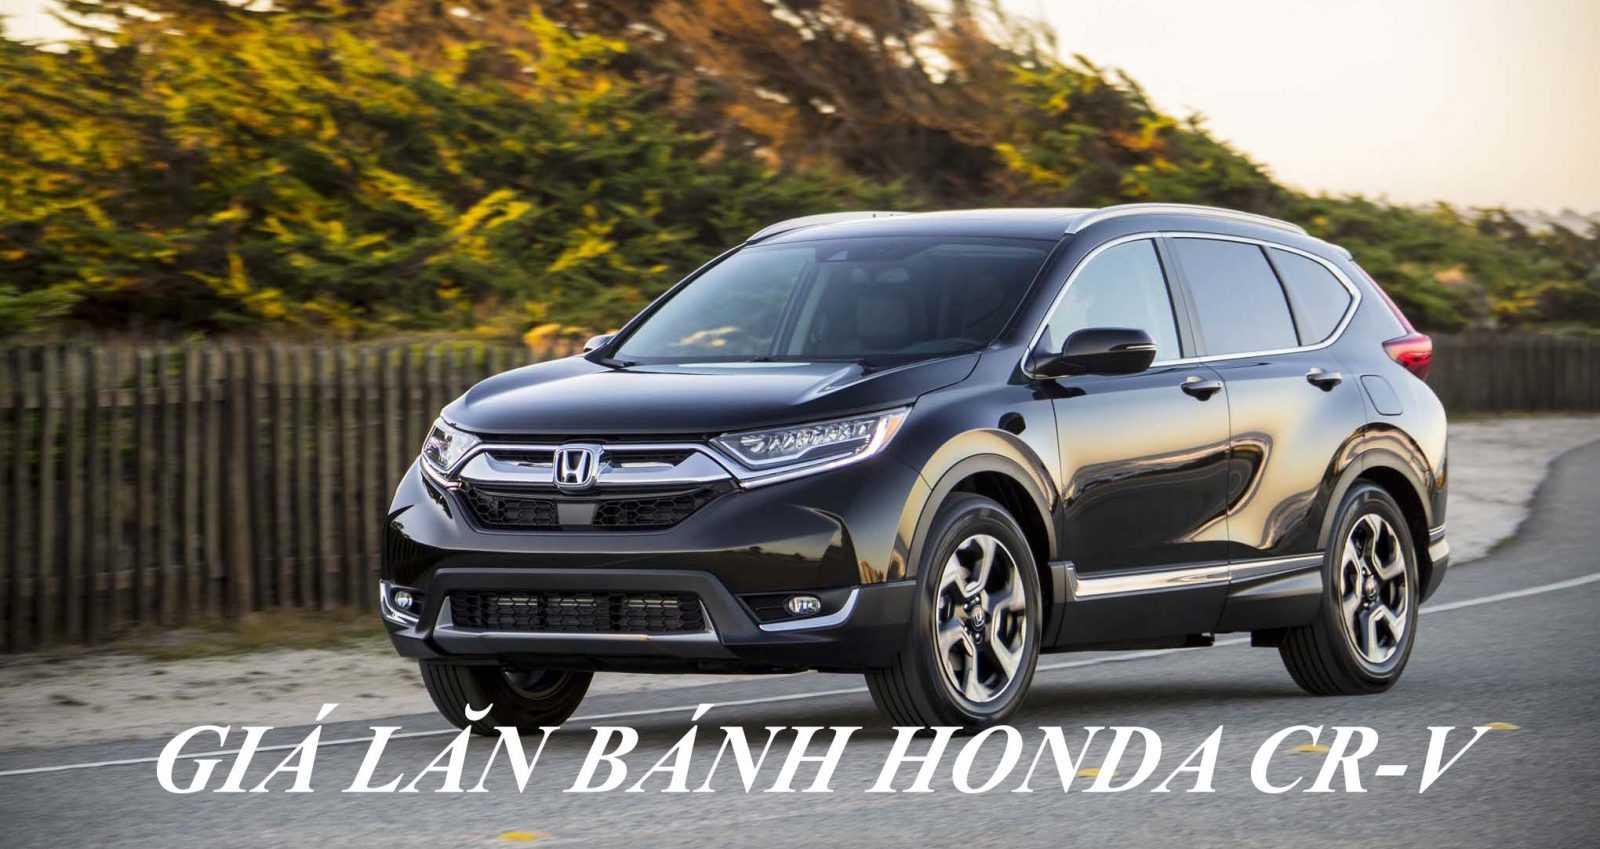 Giá lăn bánh Honda CRV 2019